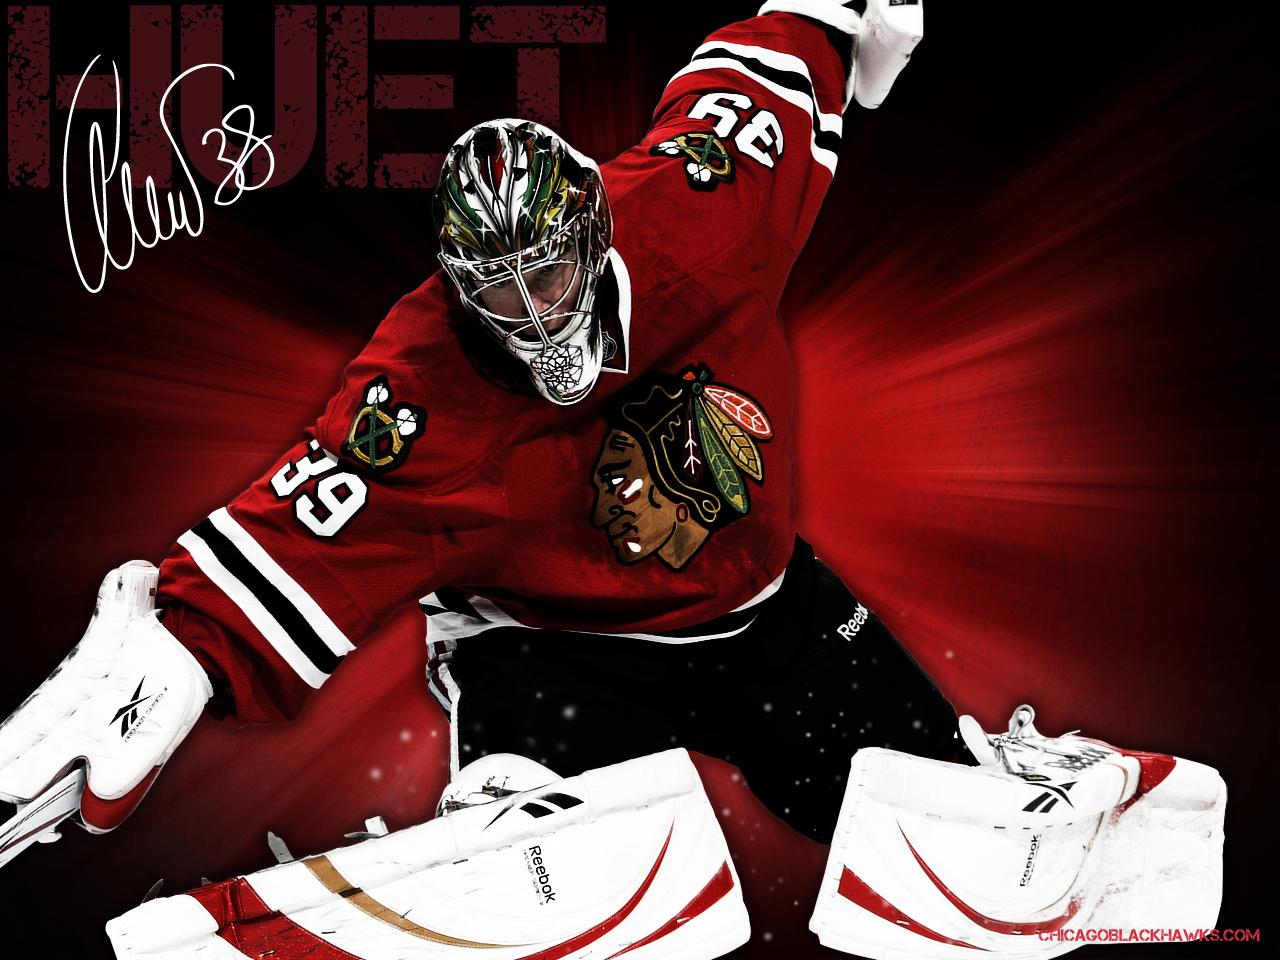 хоккей, вратарь, обои для рабочего стола, фото, спорт